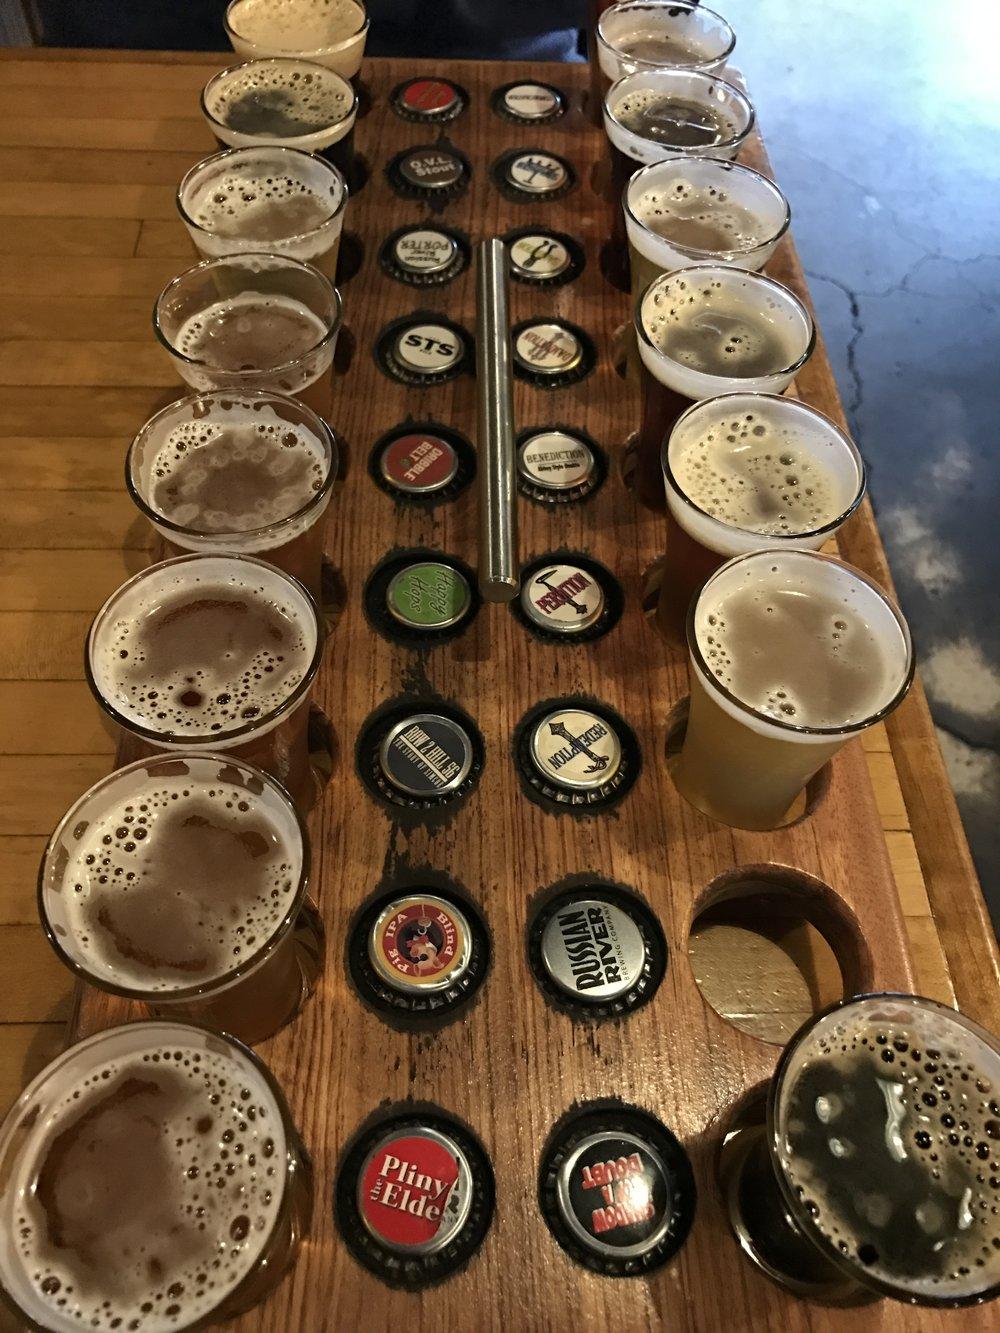 Russian River Beer Tasting Flight